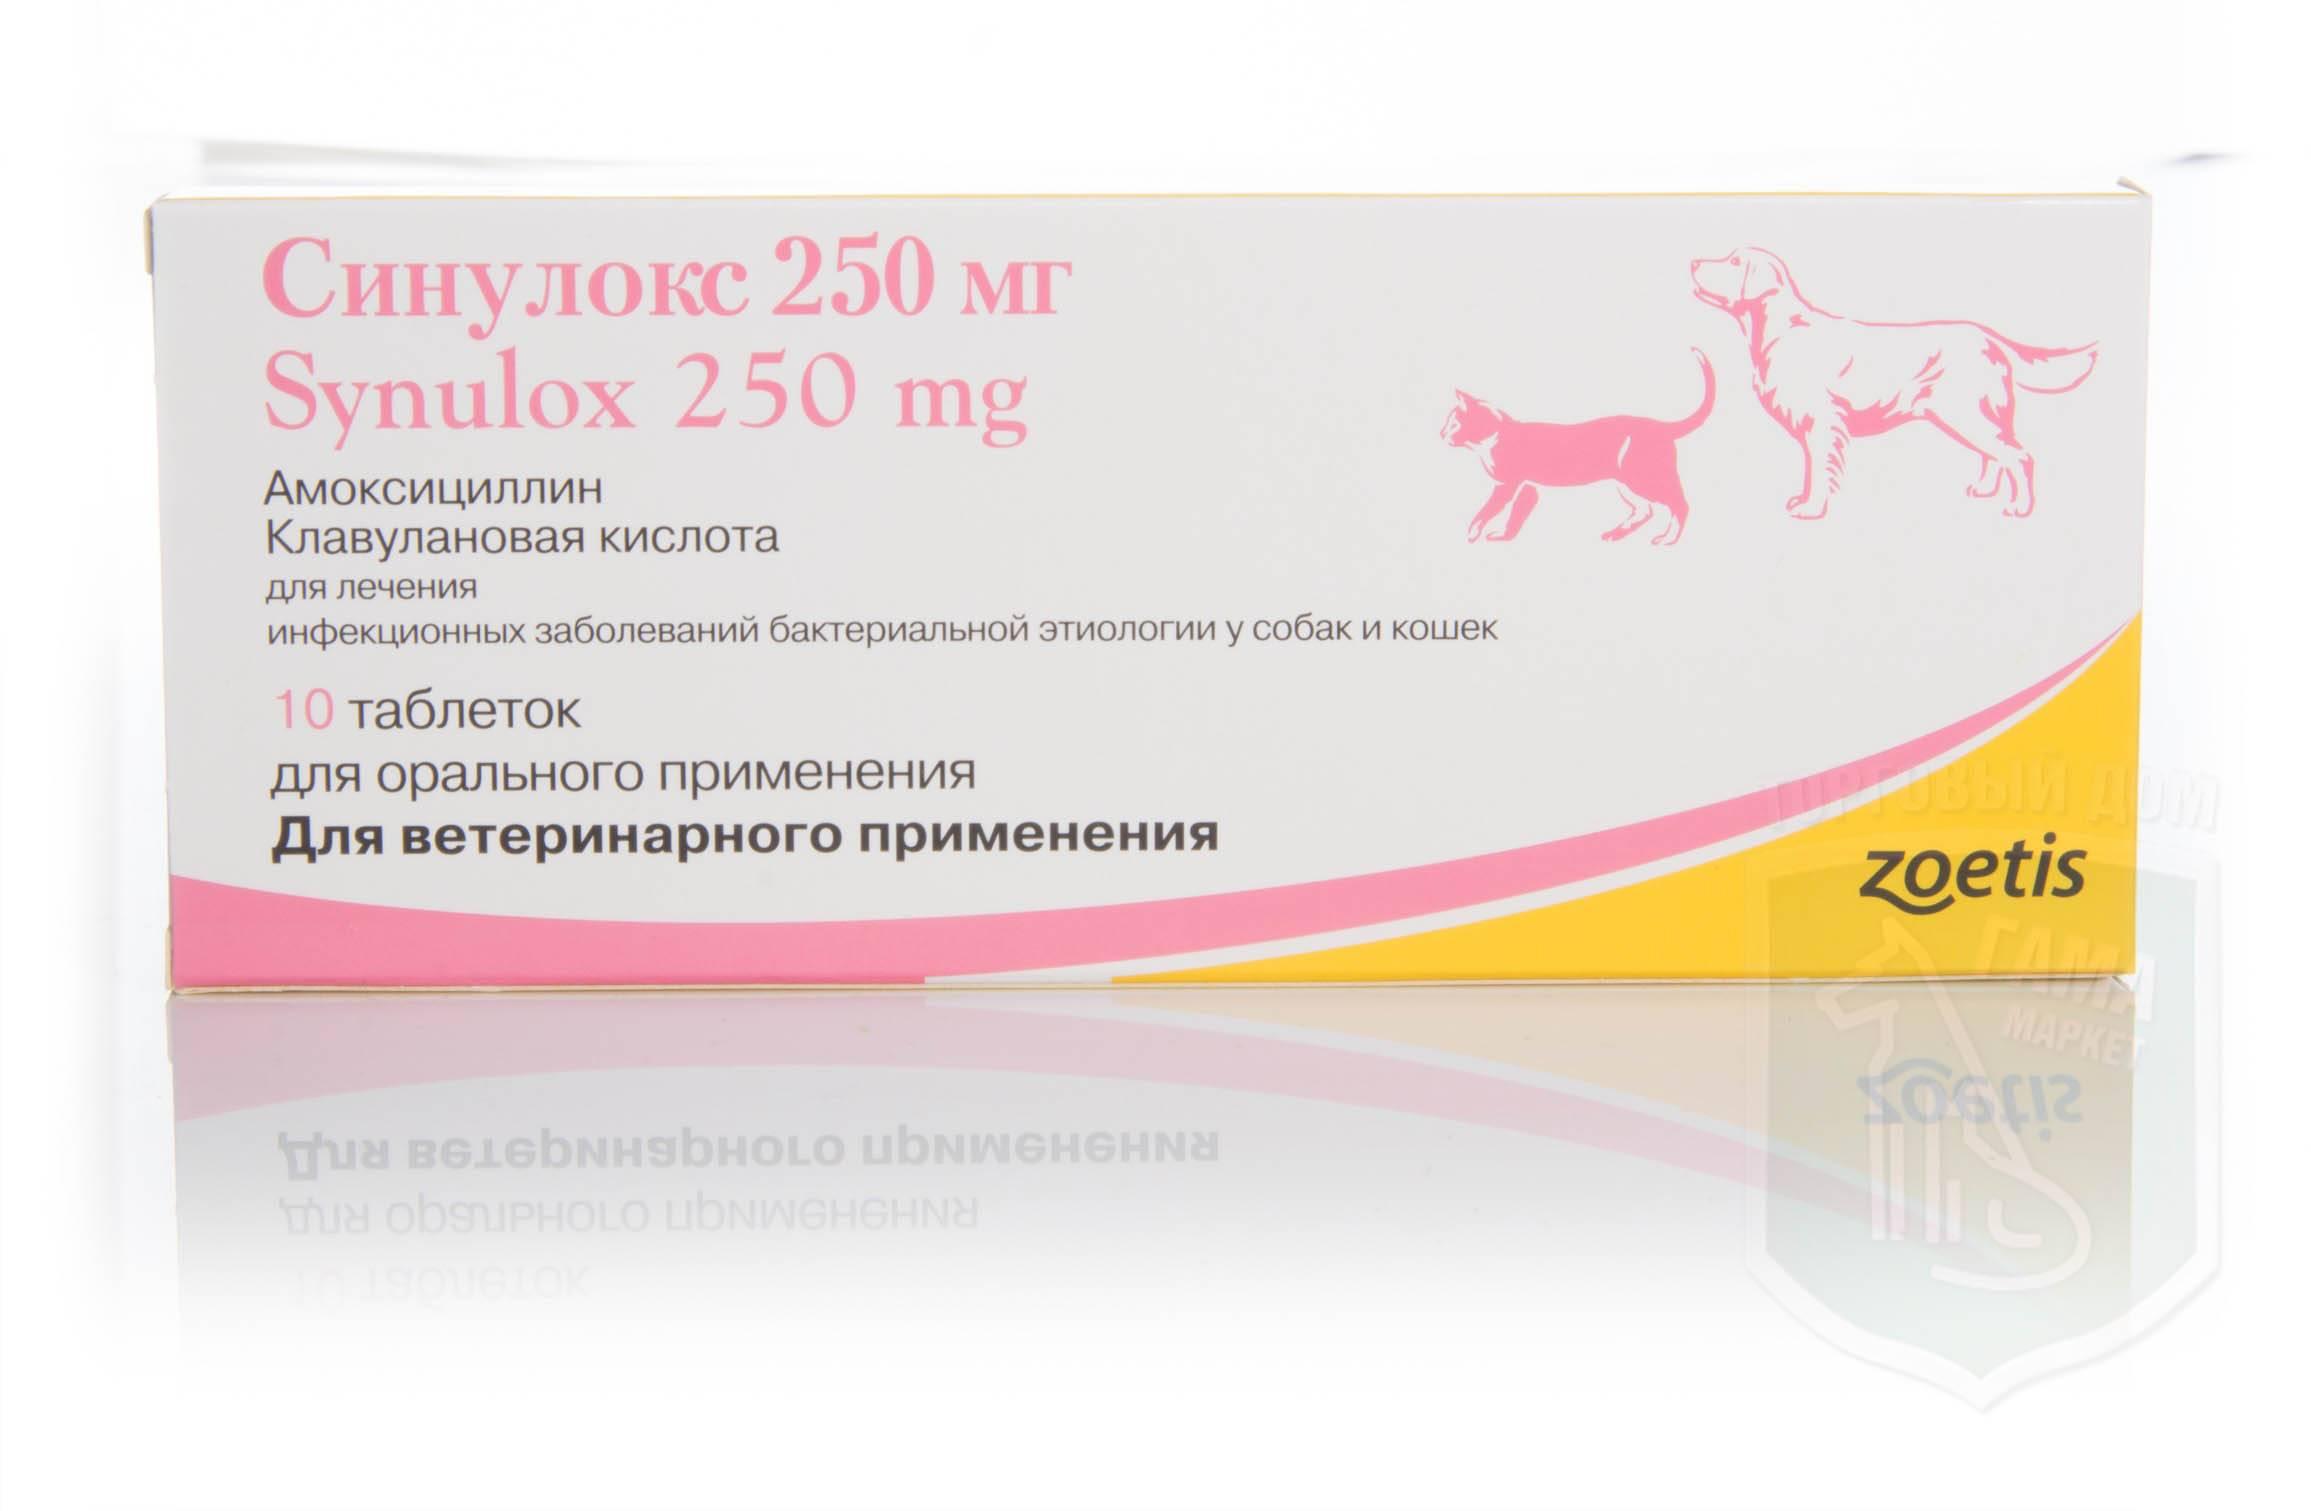 Синулокс таблетки: инструкция по применению в ветеринарии (показания и противопоказания, дозы собакам и кошкам)